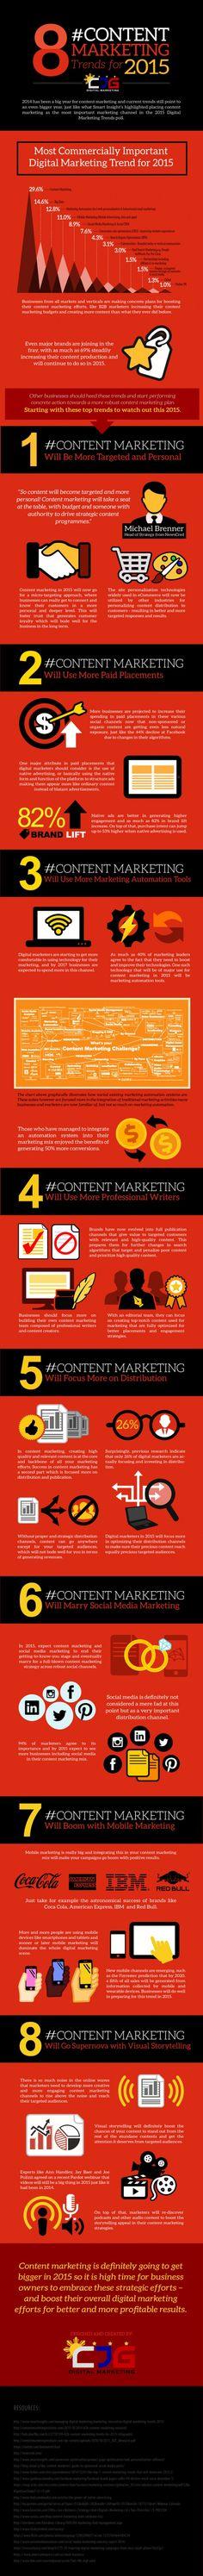 8 contentmarketingtrends om in 2015 in de gaten te houden infographic